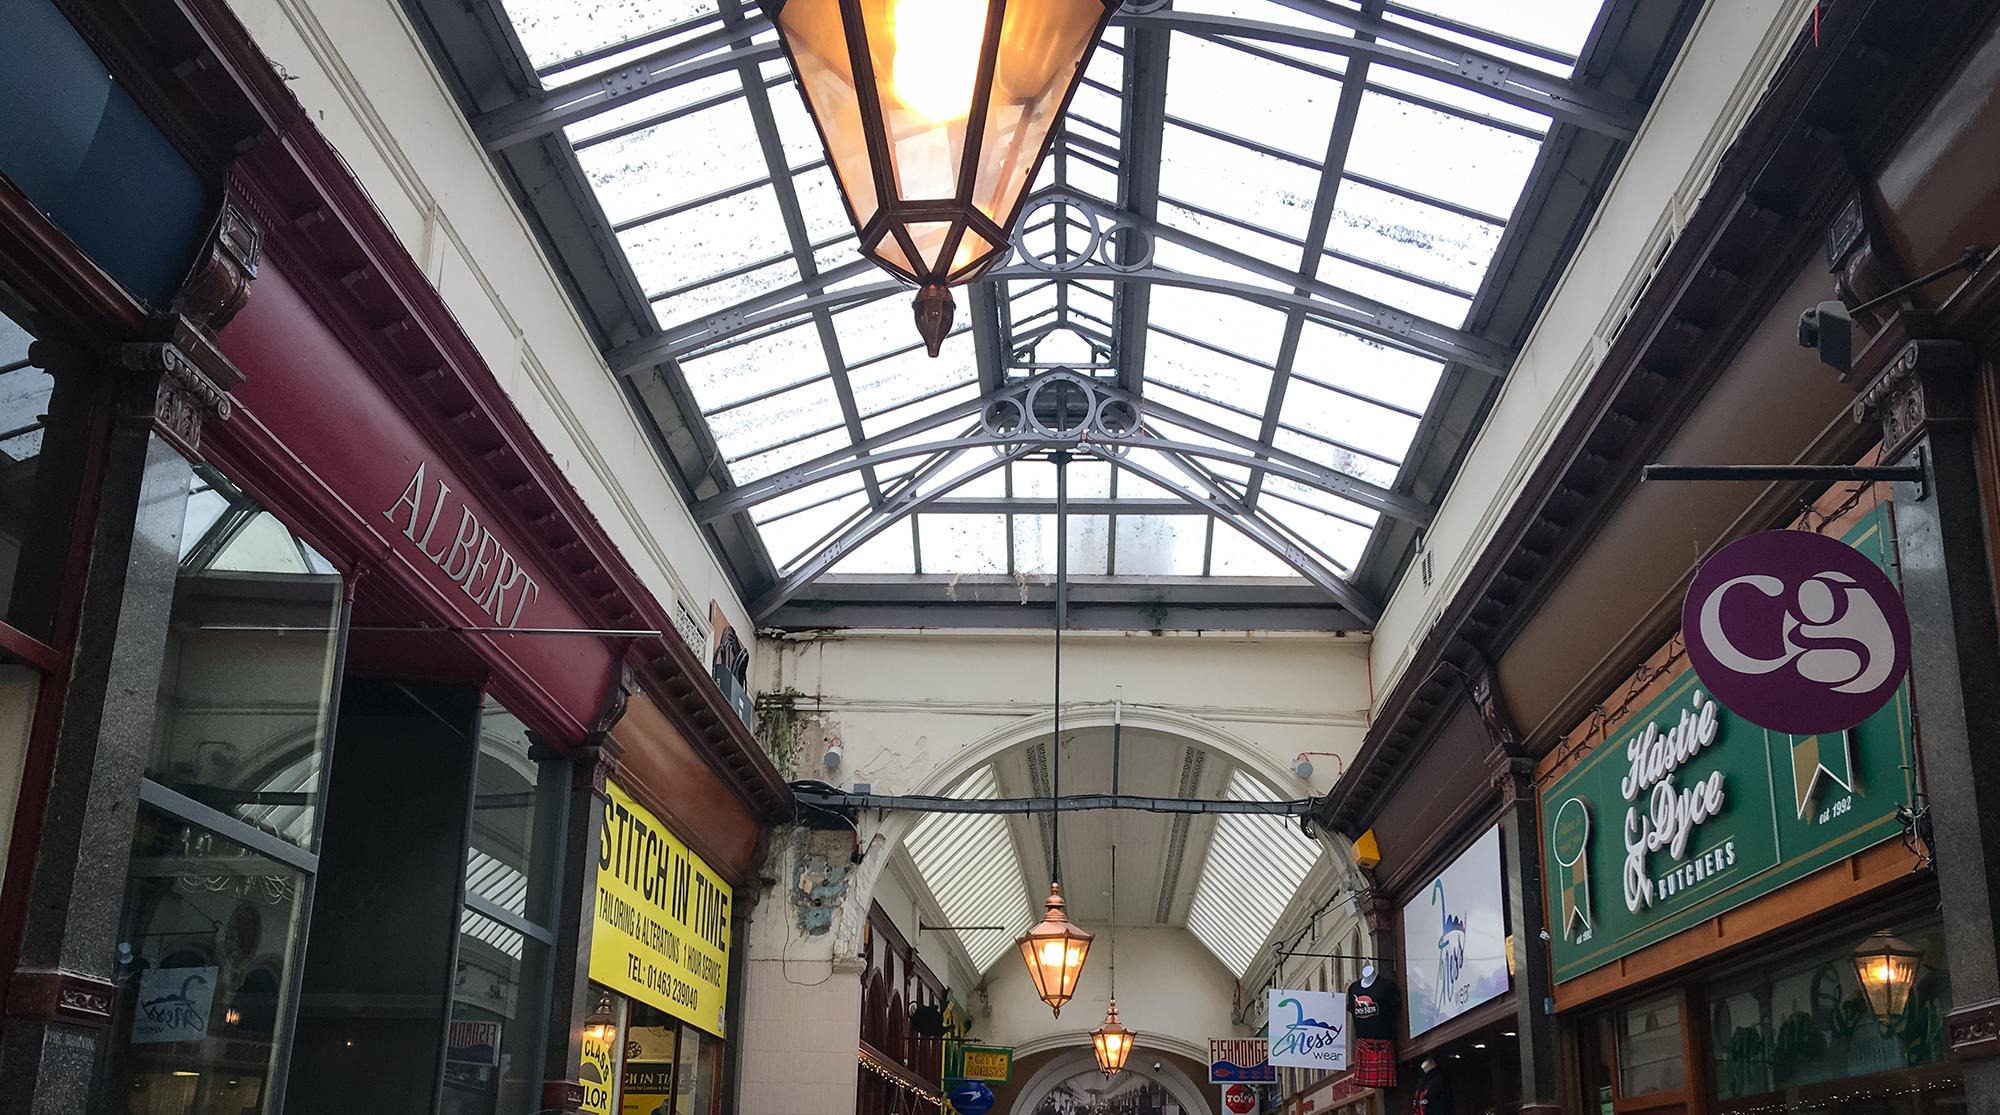 Blick auf das Glasdach der Markthalle von innen